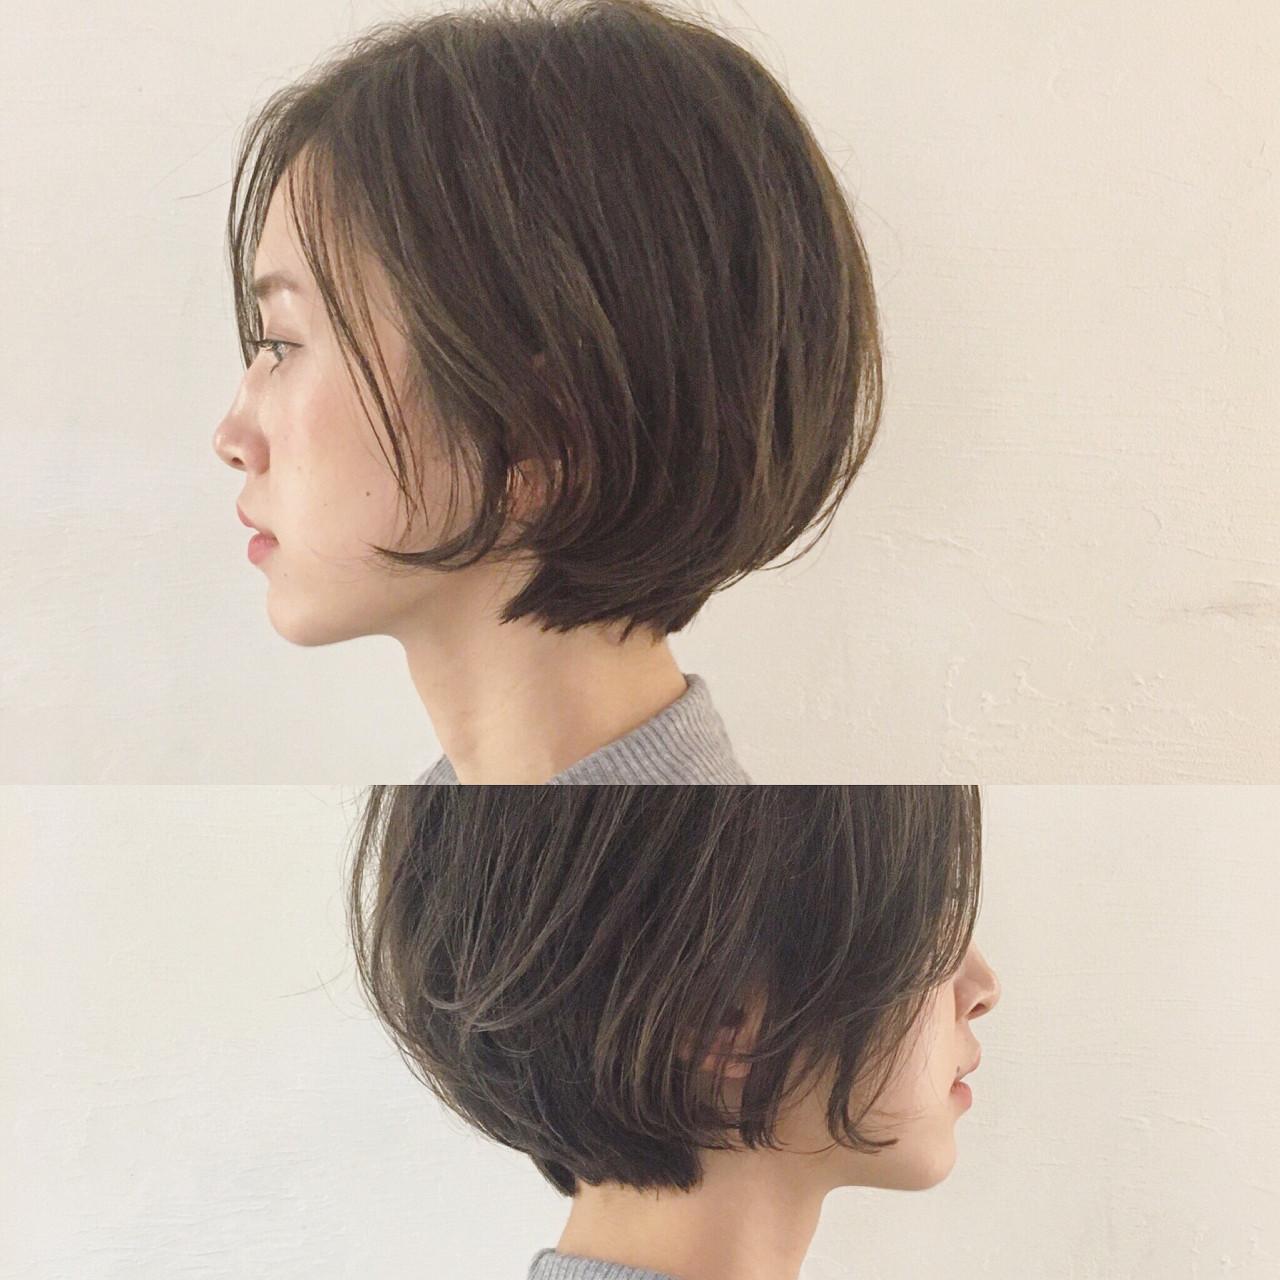 外国人風 アッシュ ナチュラル ショート ヘアスタイルや髪型の写真・画像